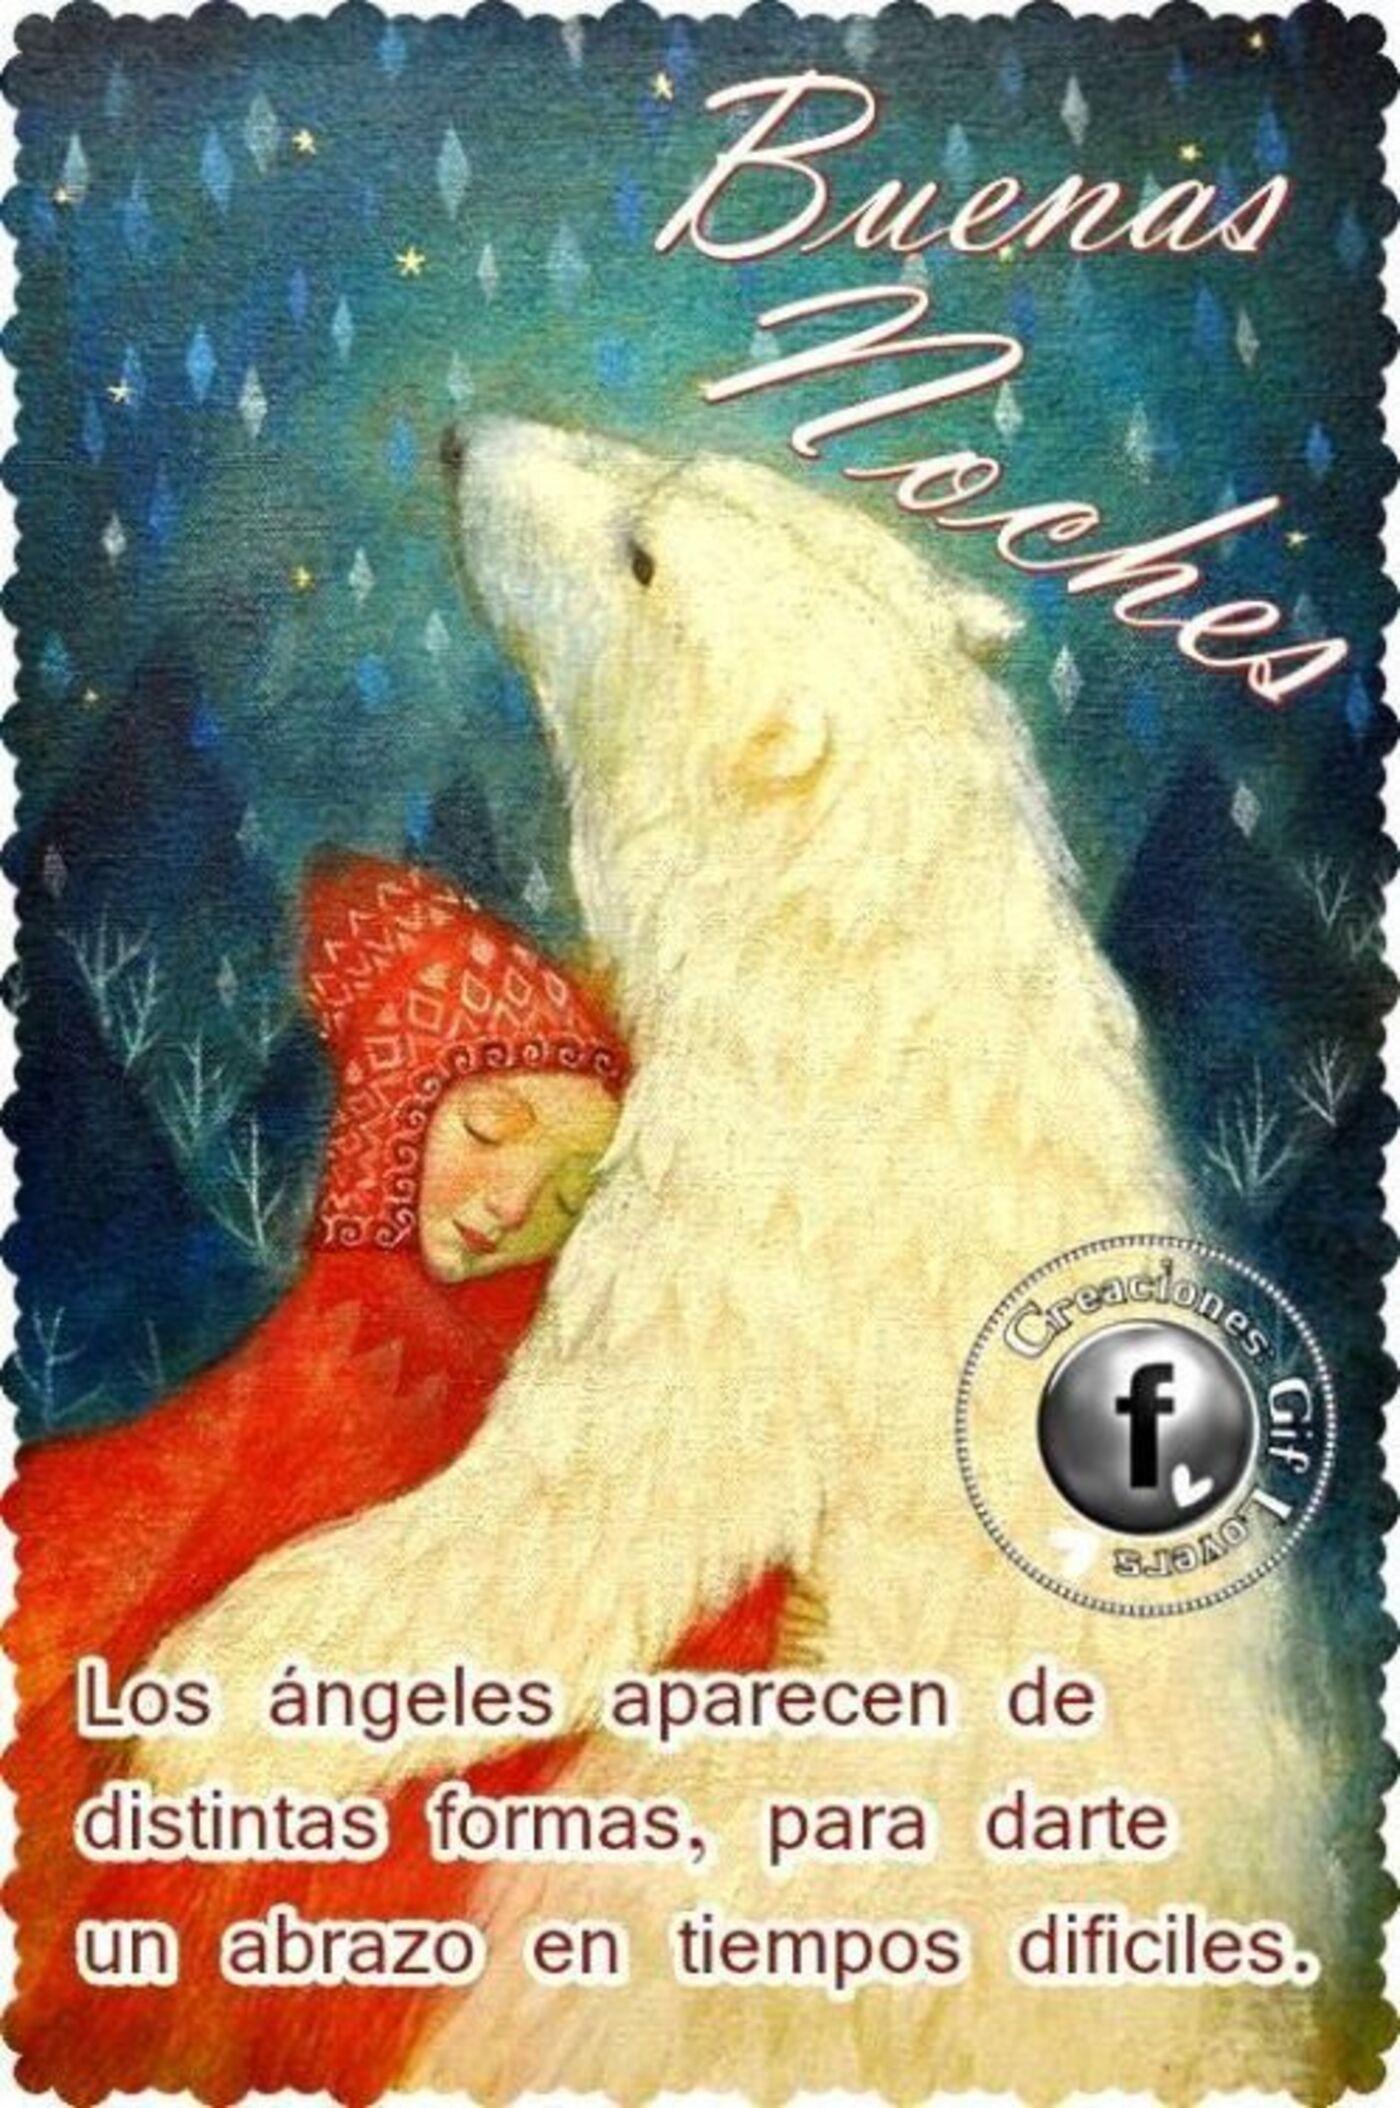 Buenas Noches los ángeles aparecen de distintas formas, para darte un abrazo en tiempos dificiles